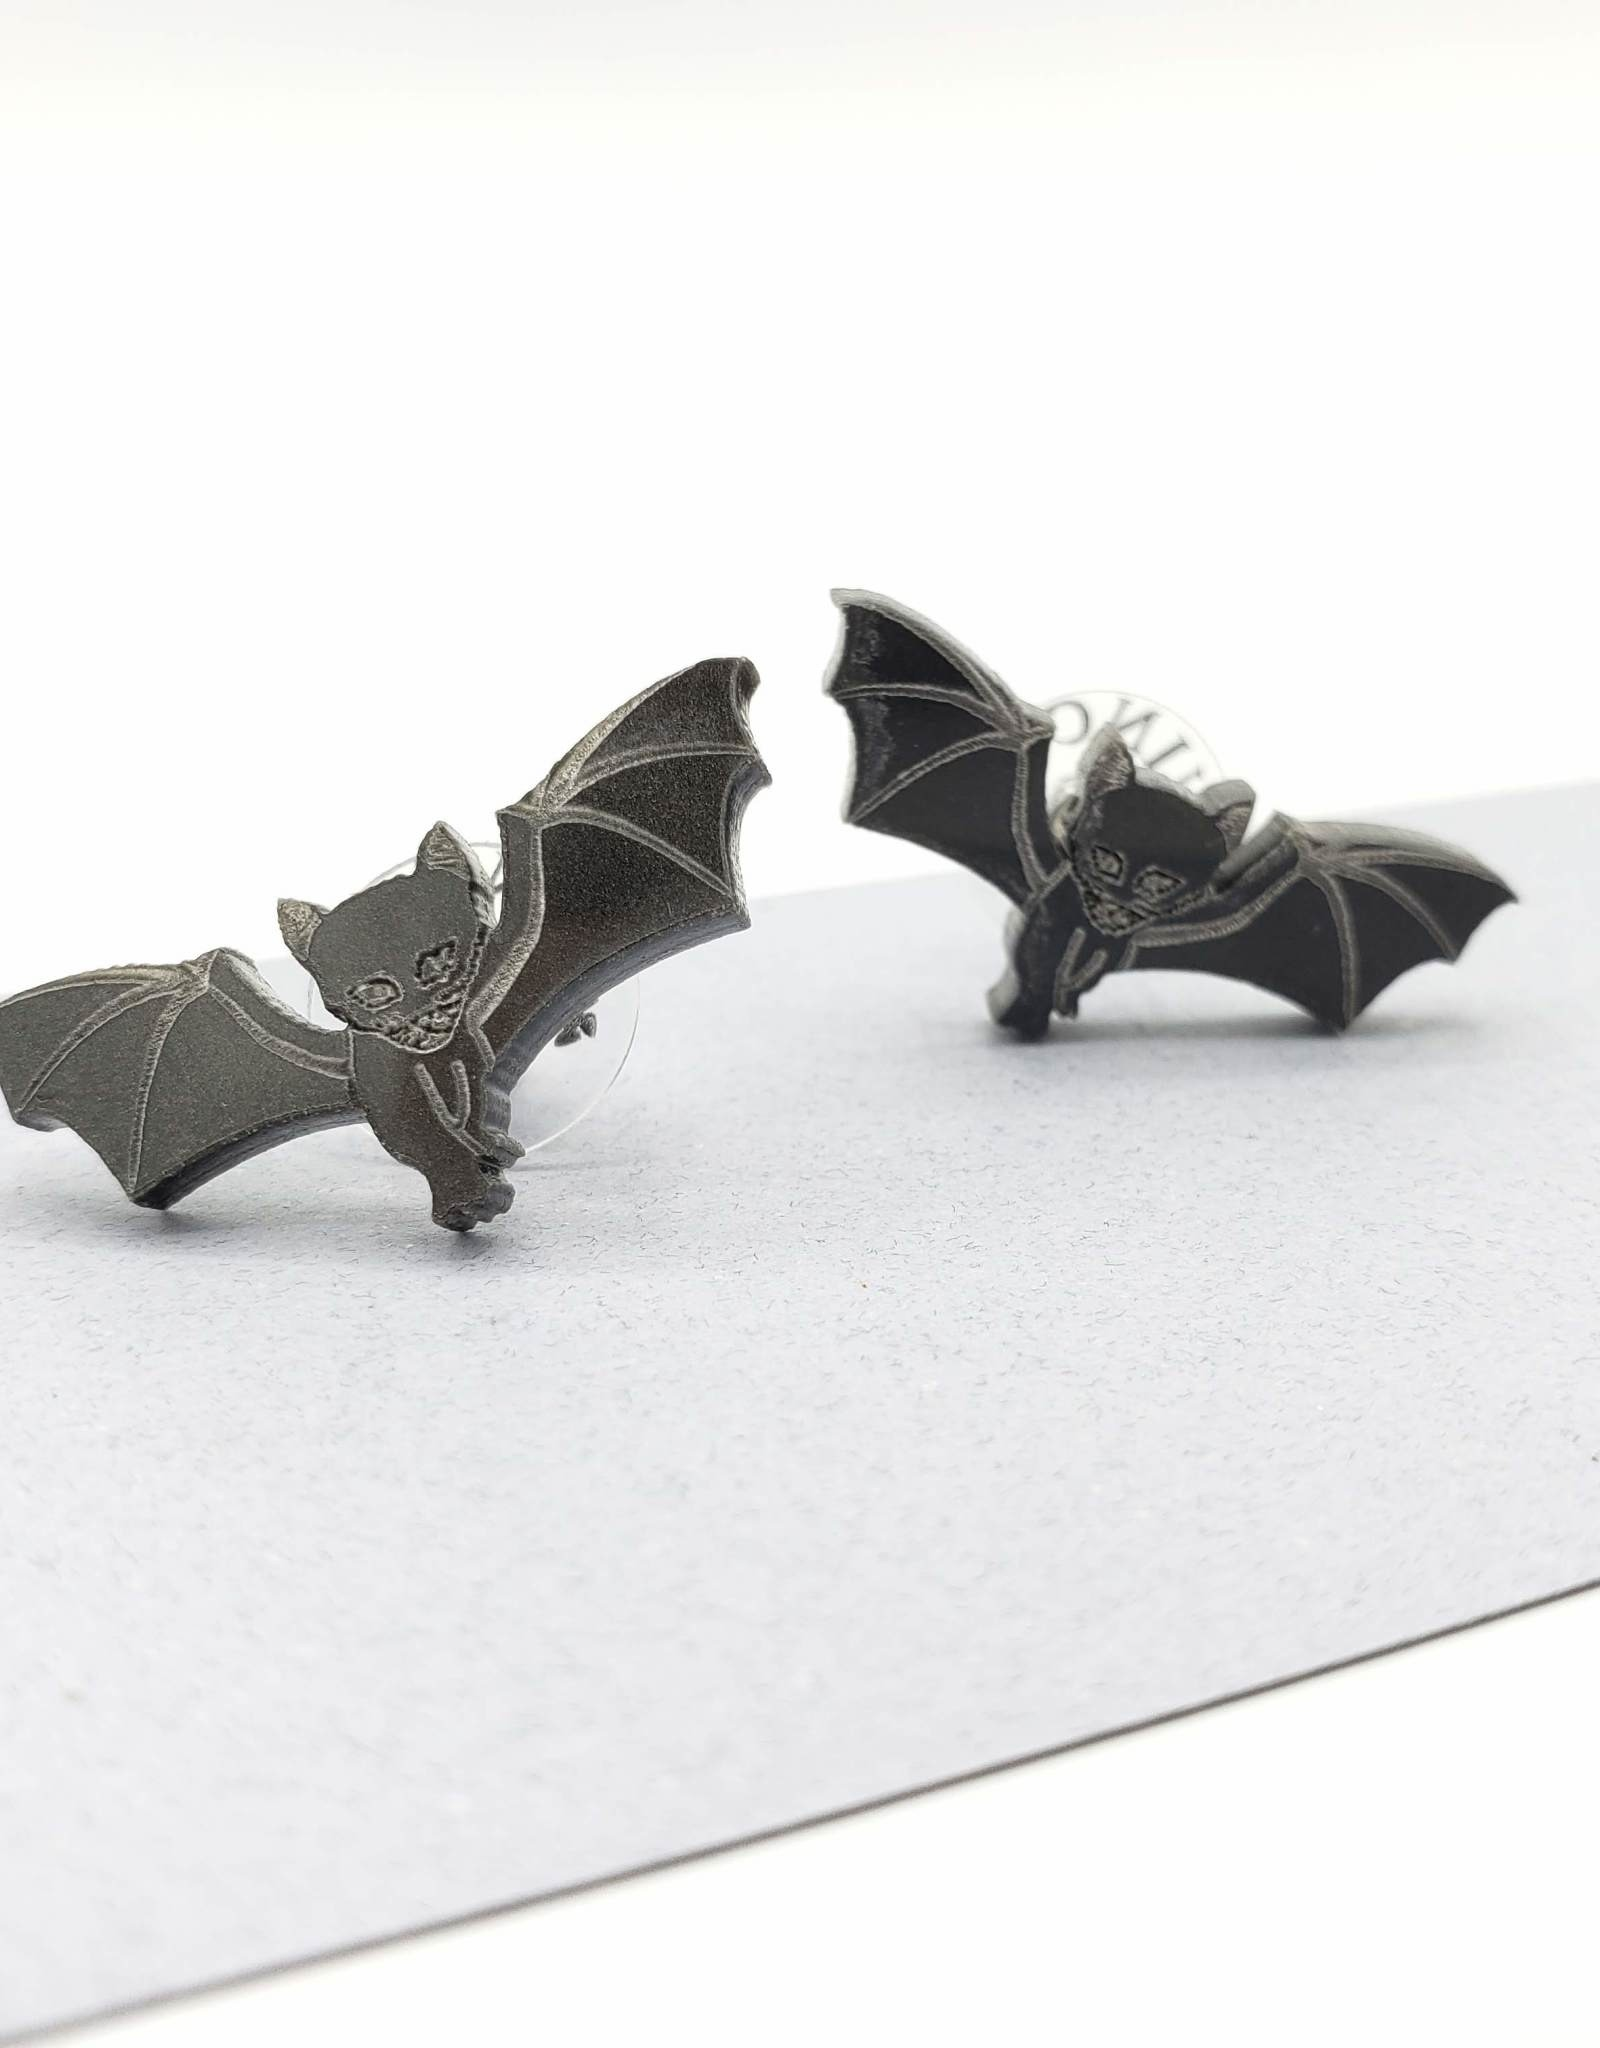 Vinca Kitty Bat Laser Cut Stud Earrings by Vinca